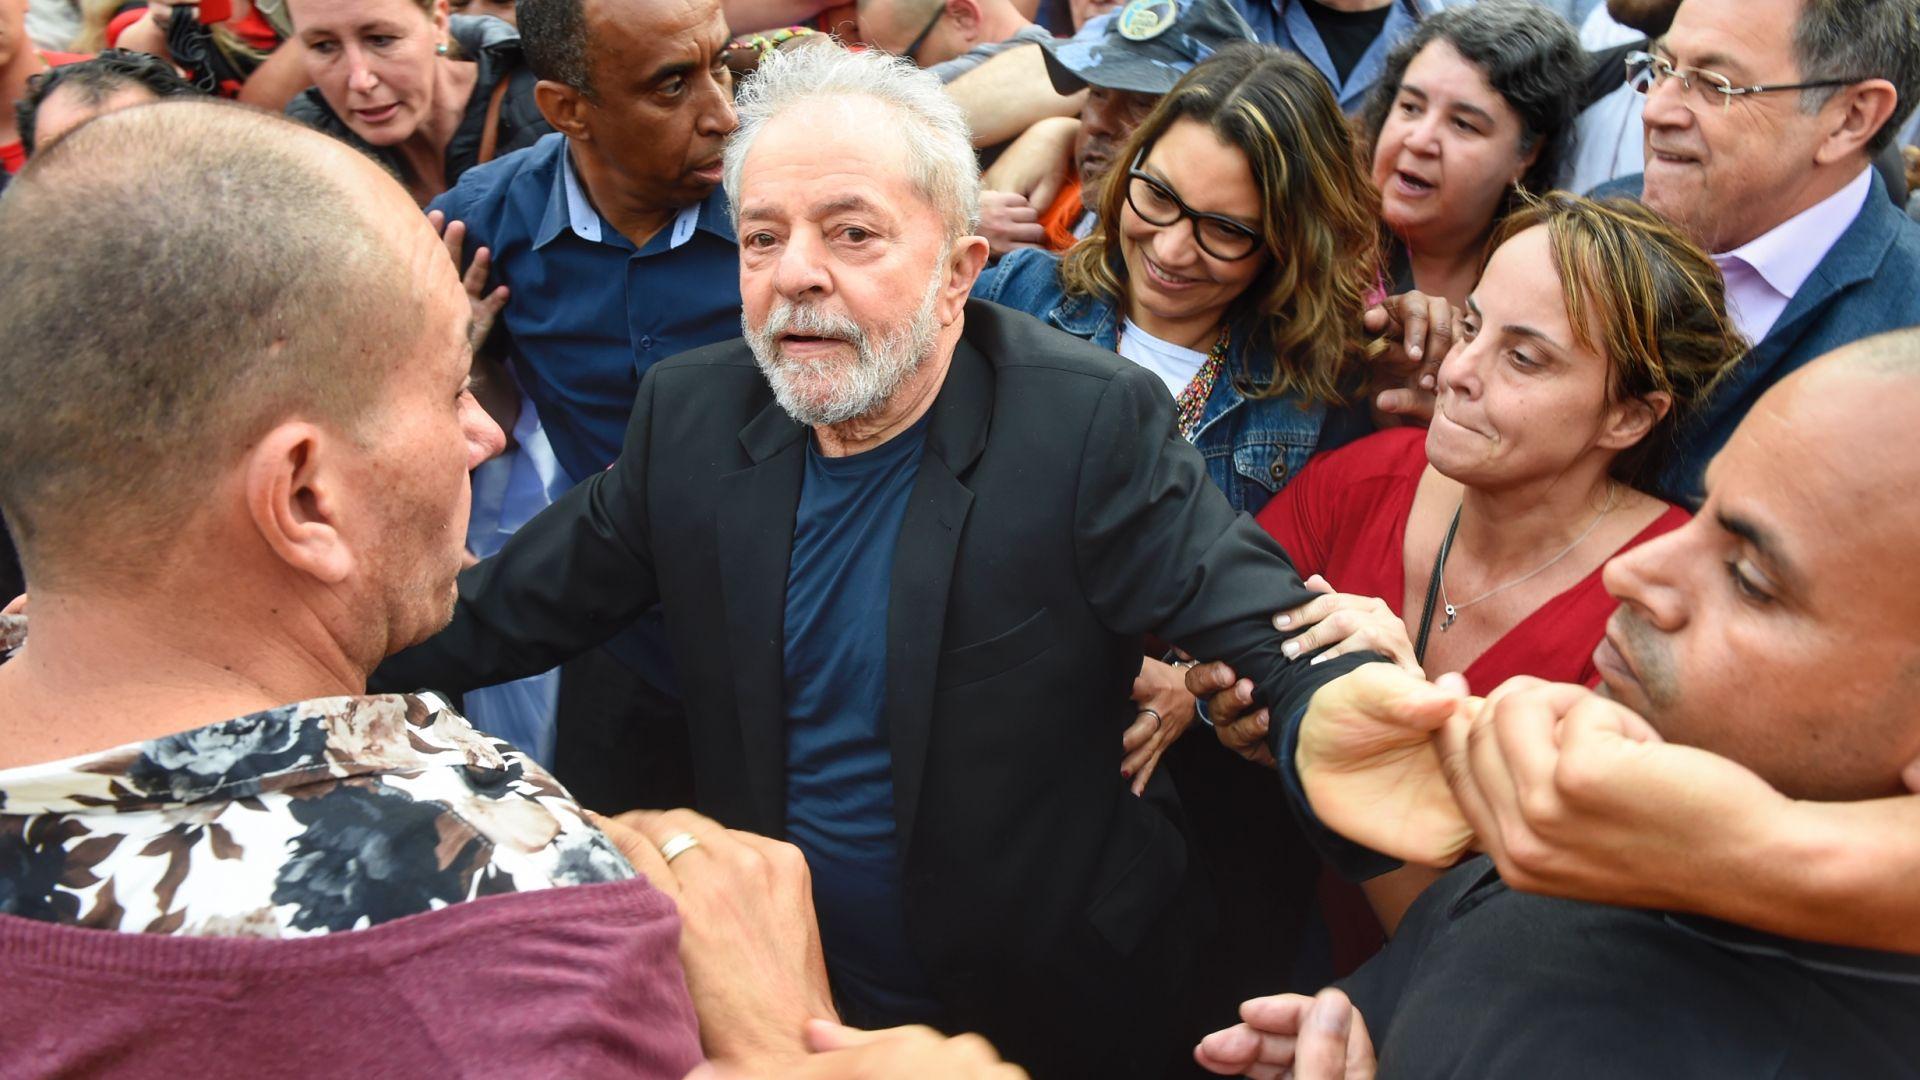 Освободиха от затвора бивш бразилски президент, големи тълпи го приветстваха